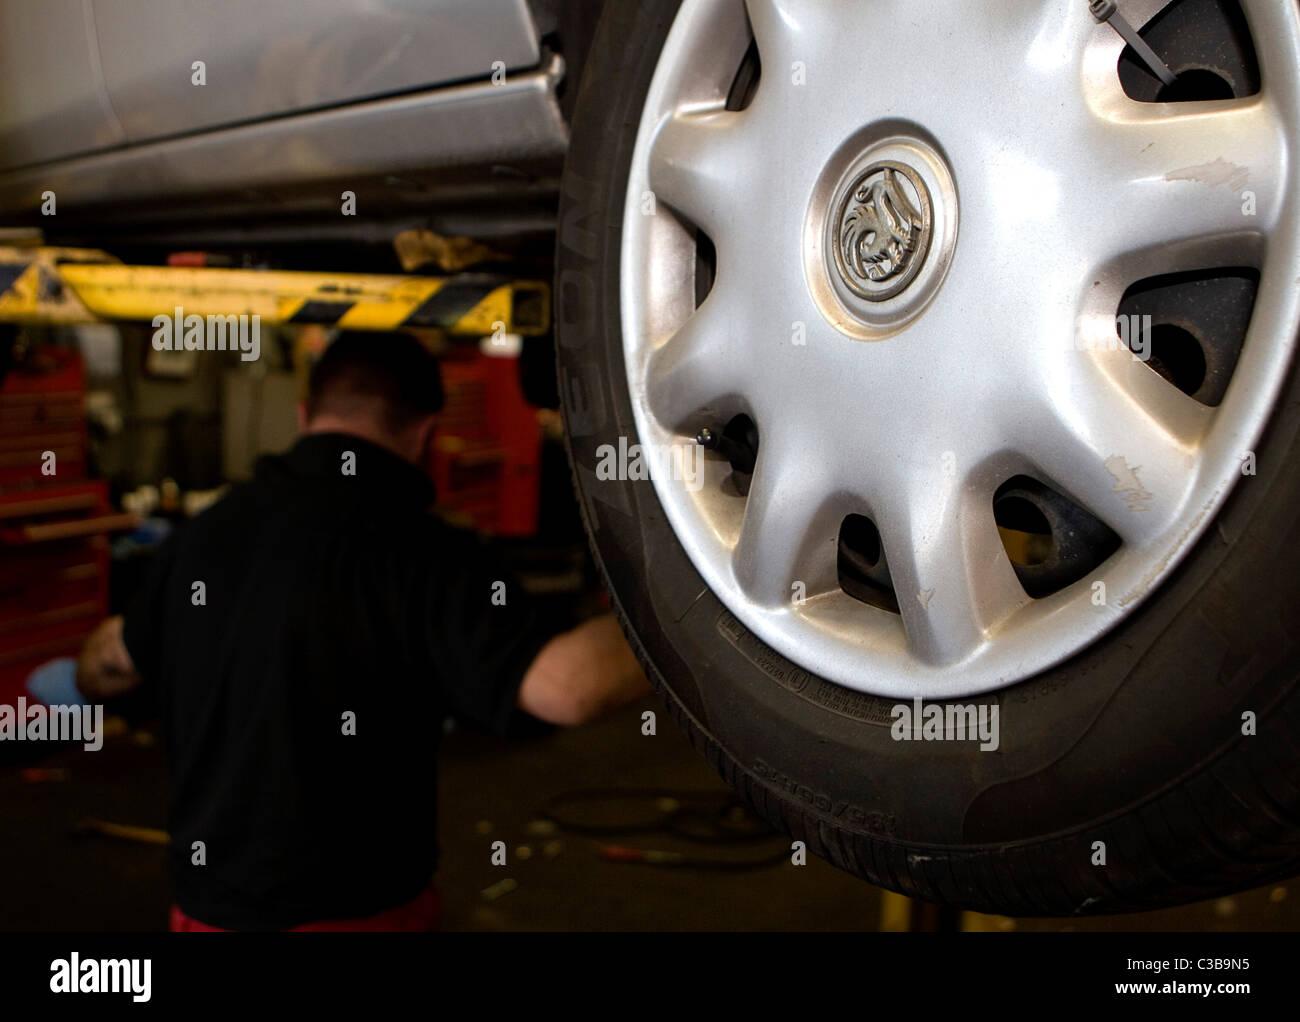 Anschauliches Bild von Vauxhall Autos, Teil des Konzerns General Motors. Stockbild